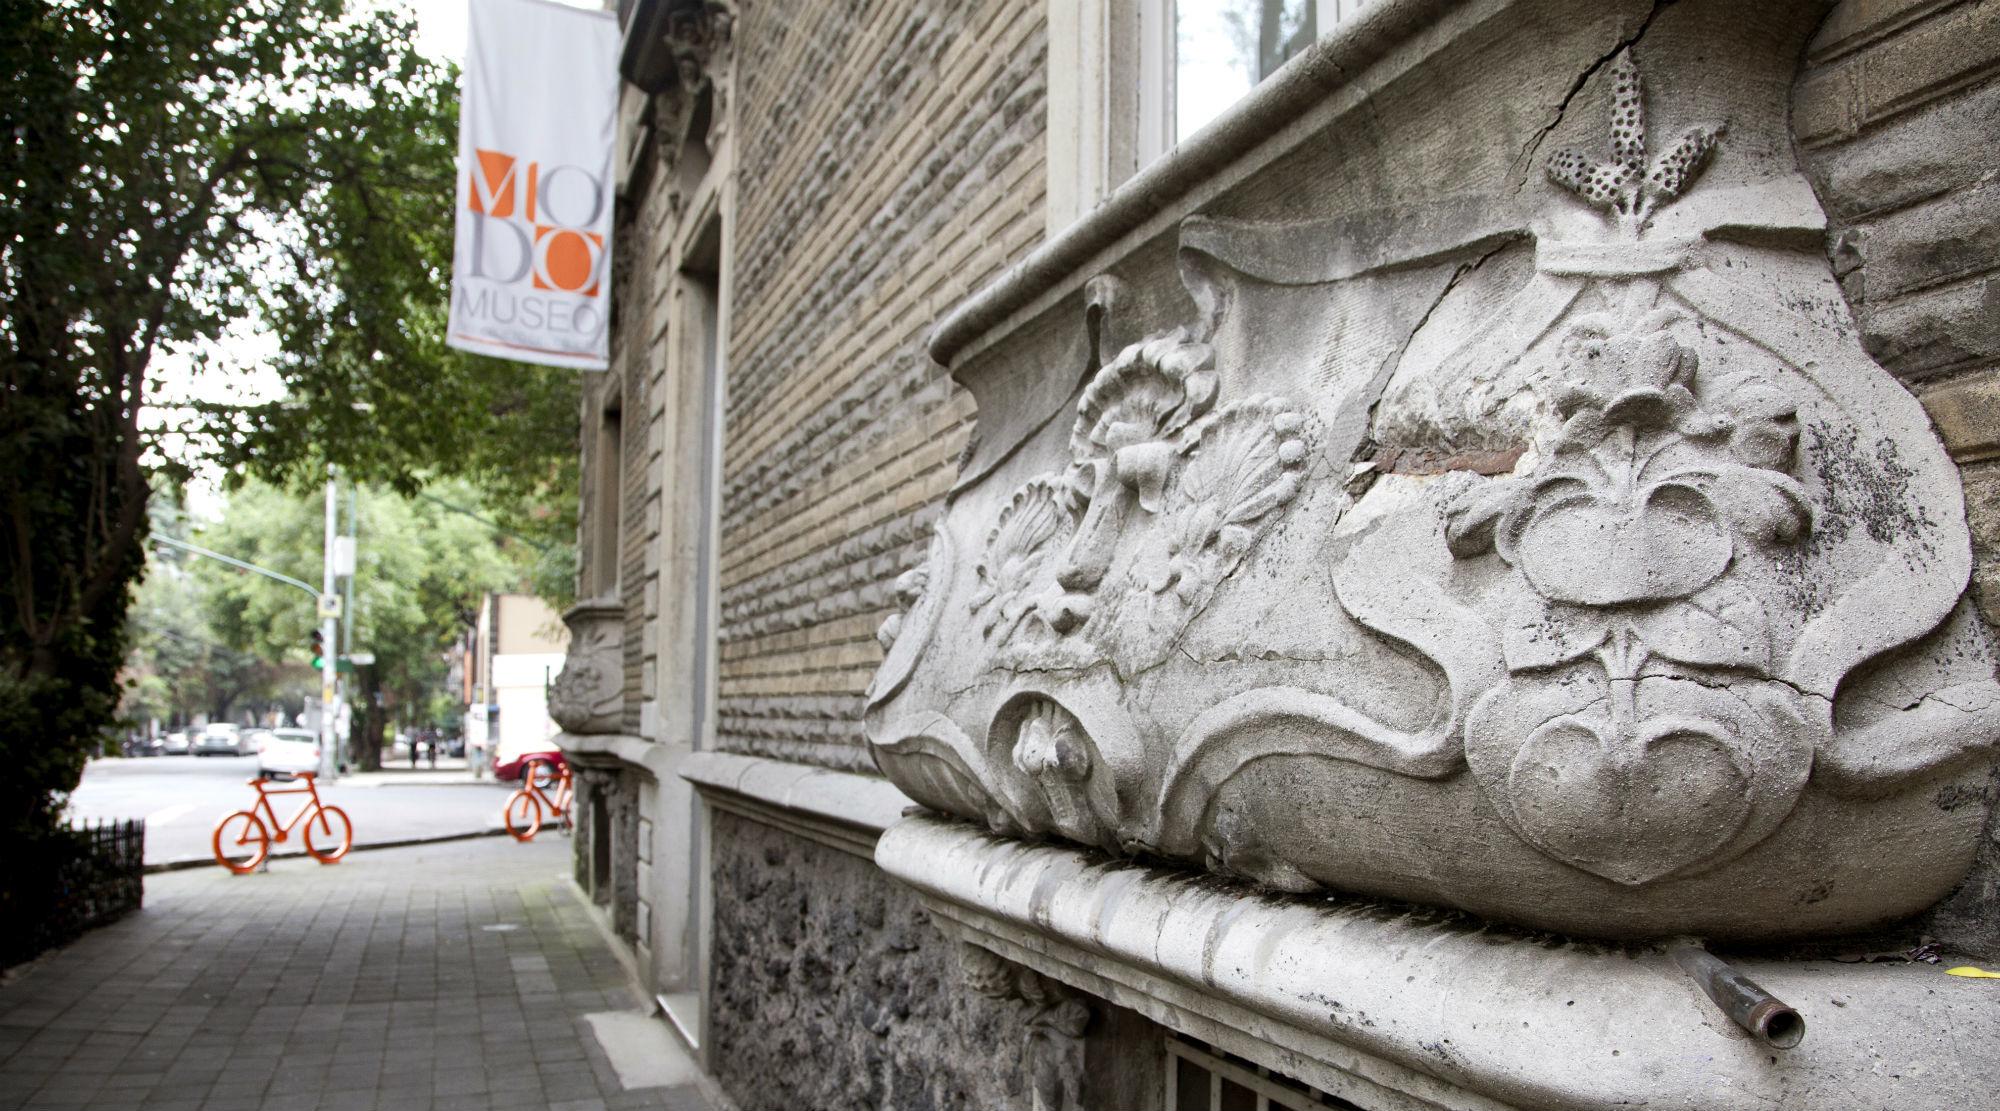 Miércoles 23: Museo del Objeto del Objeto (MODO)